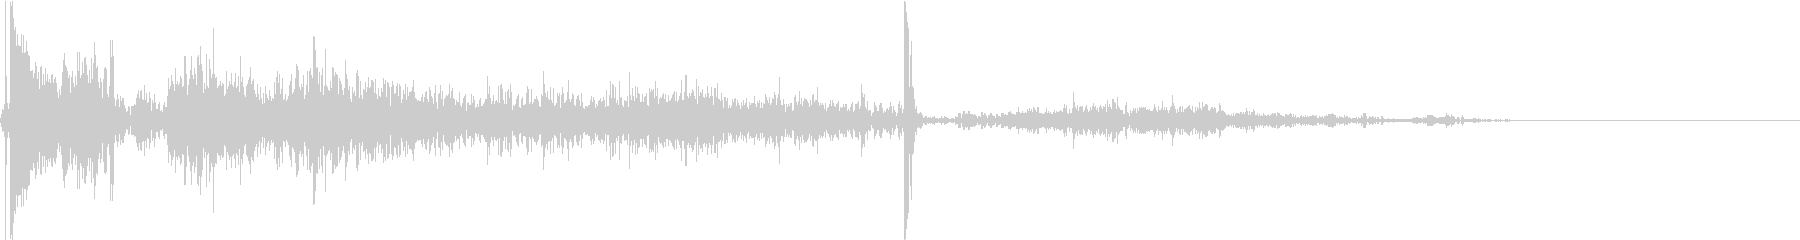 ロケットランチャー発射音の未再生の波形